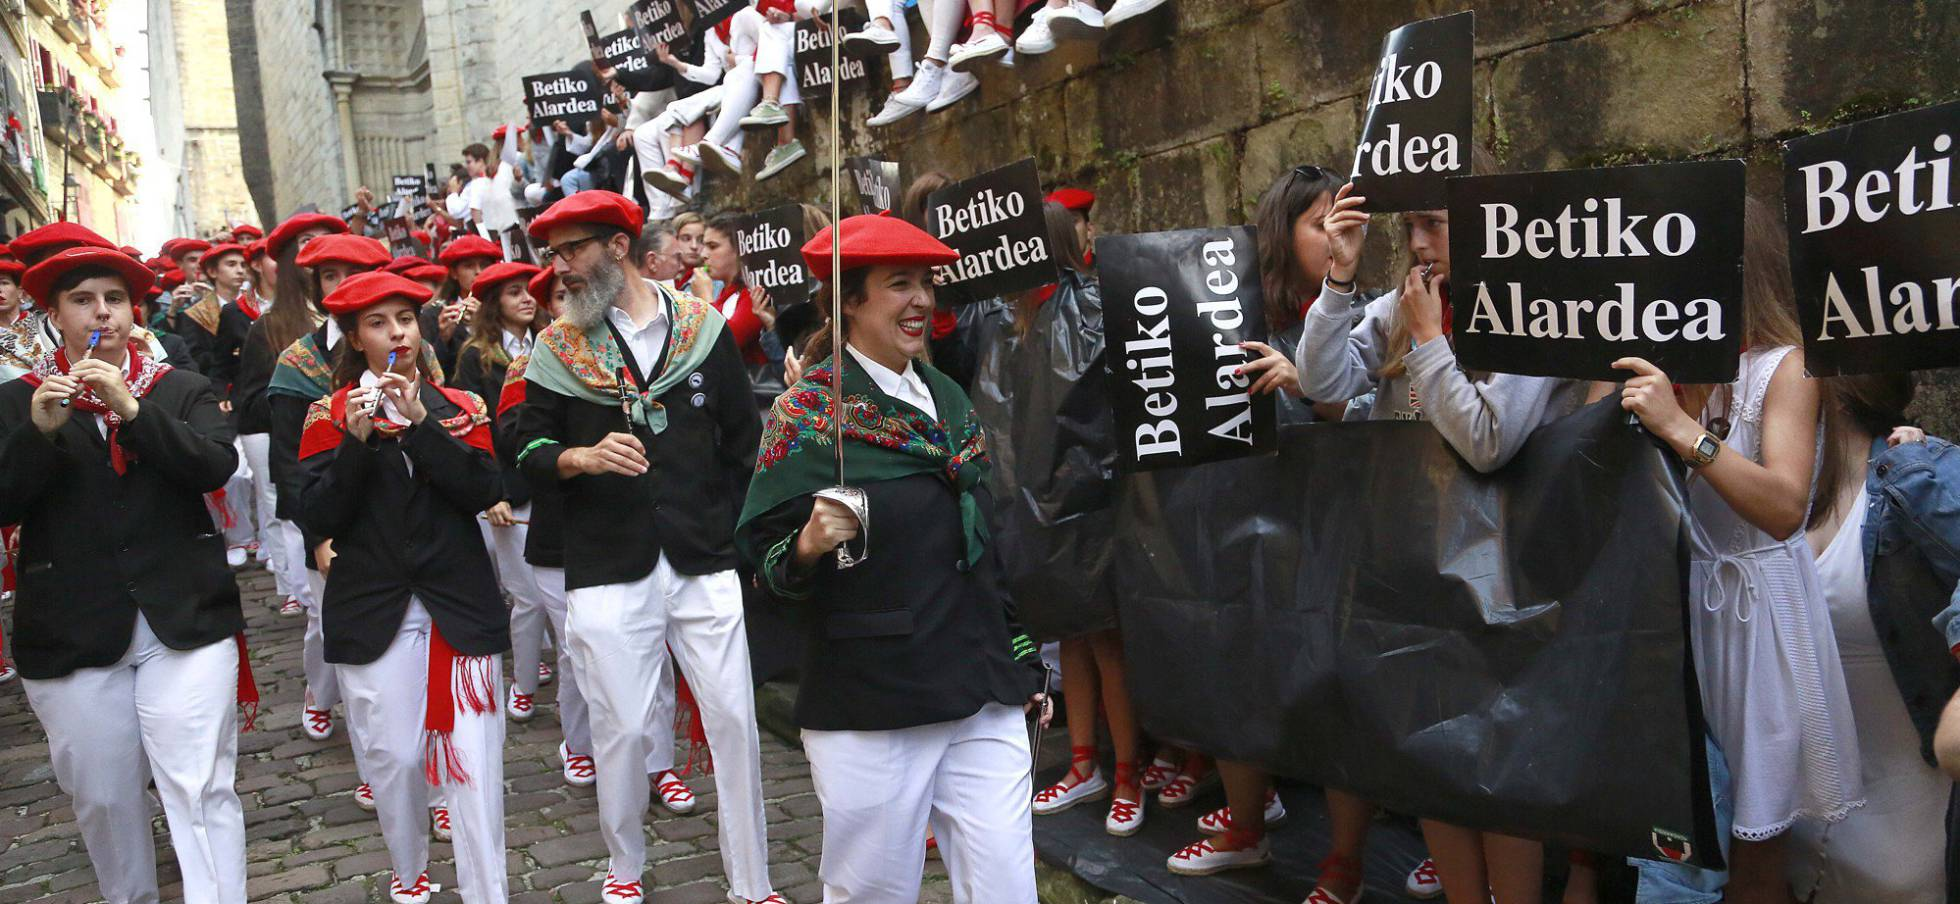 festividades en hondarribia